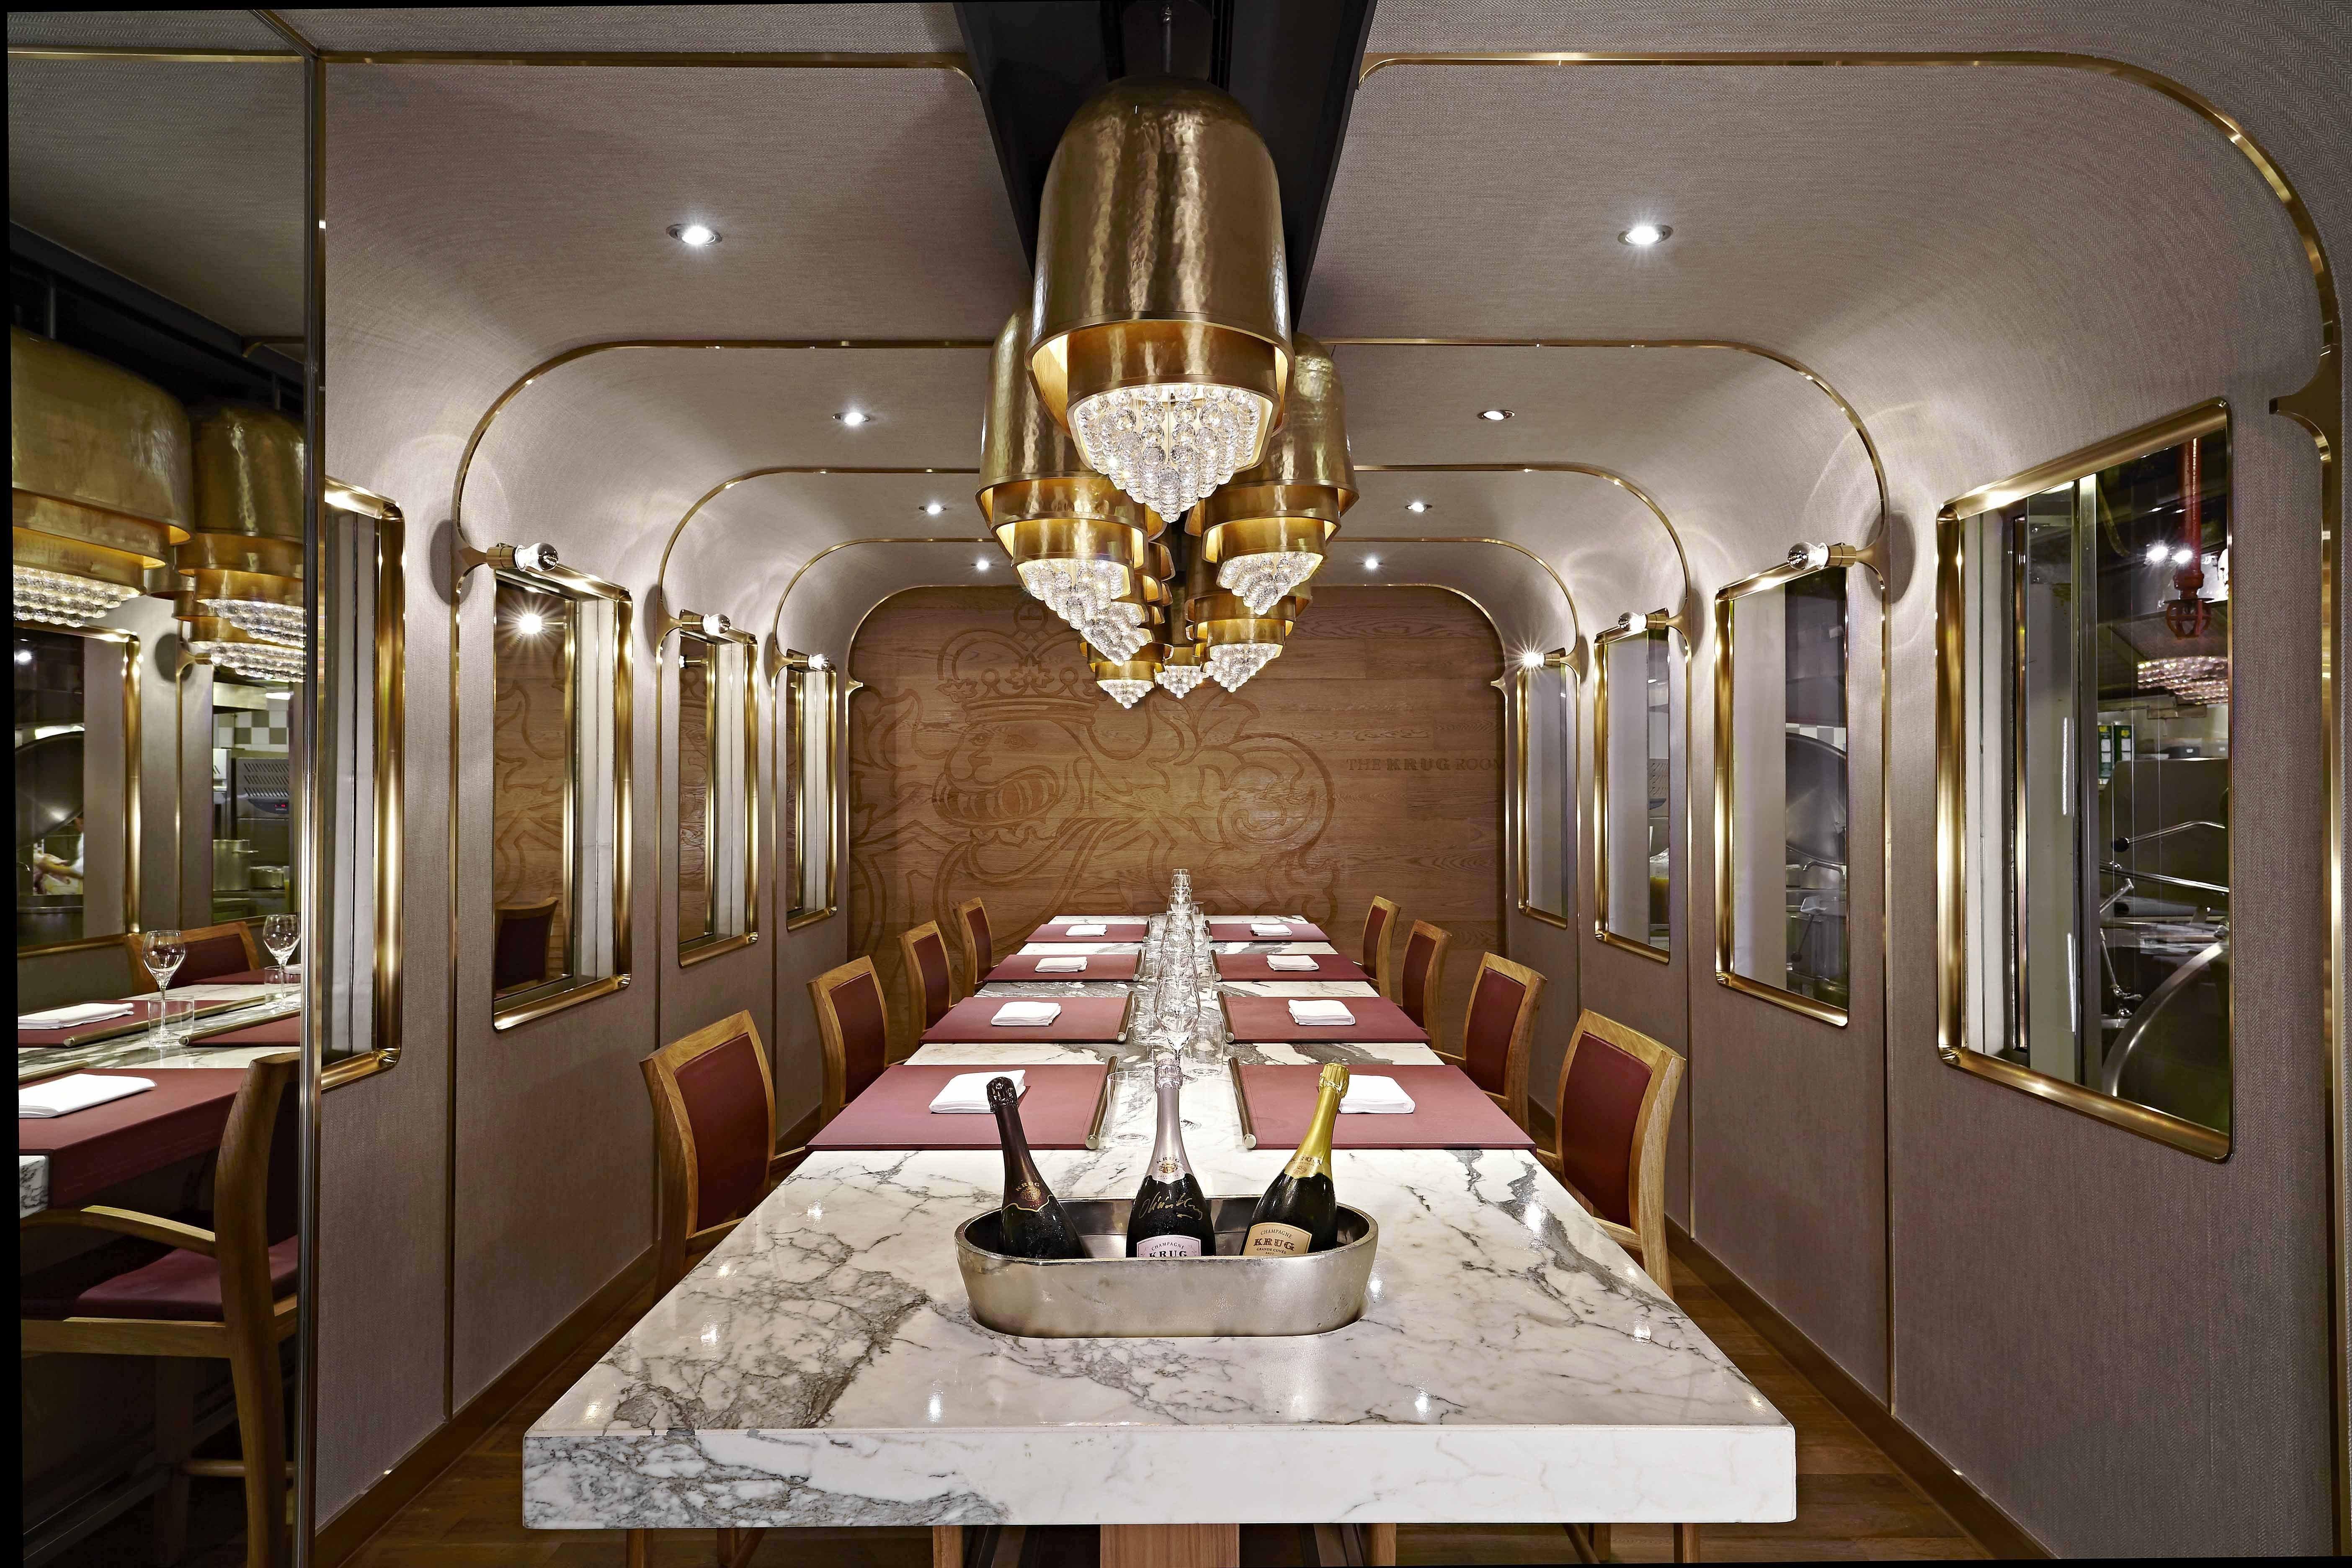 The Krug Room At The Mandarin Oriental Hong Kong